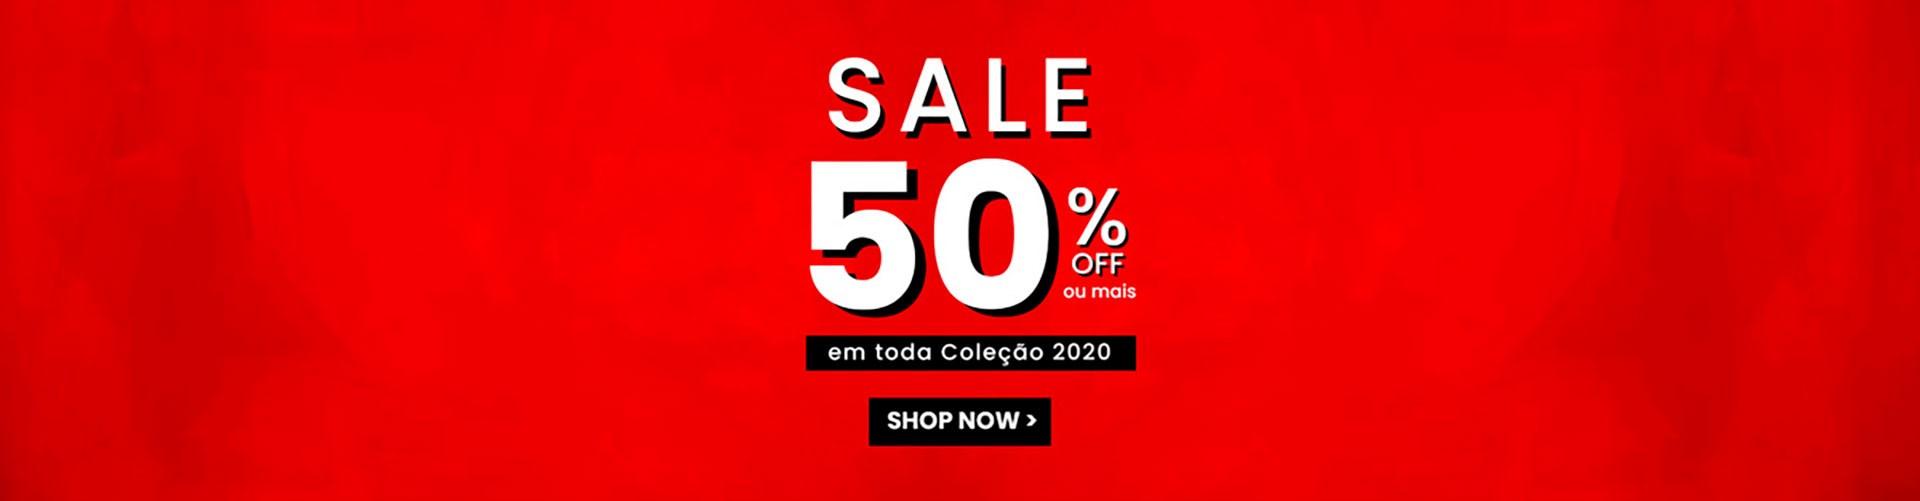 Sale 50 OFF